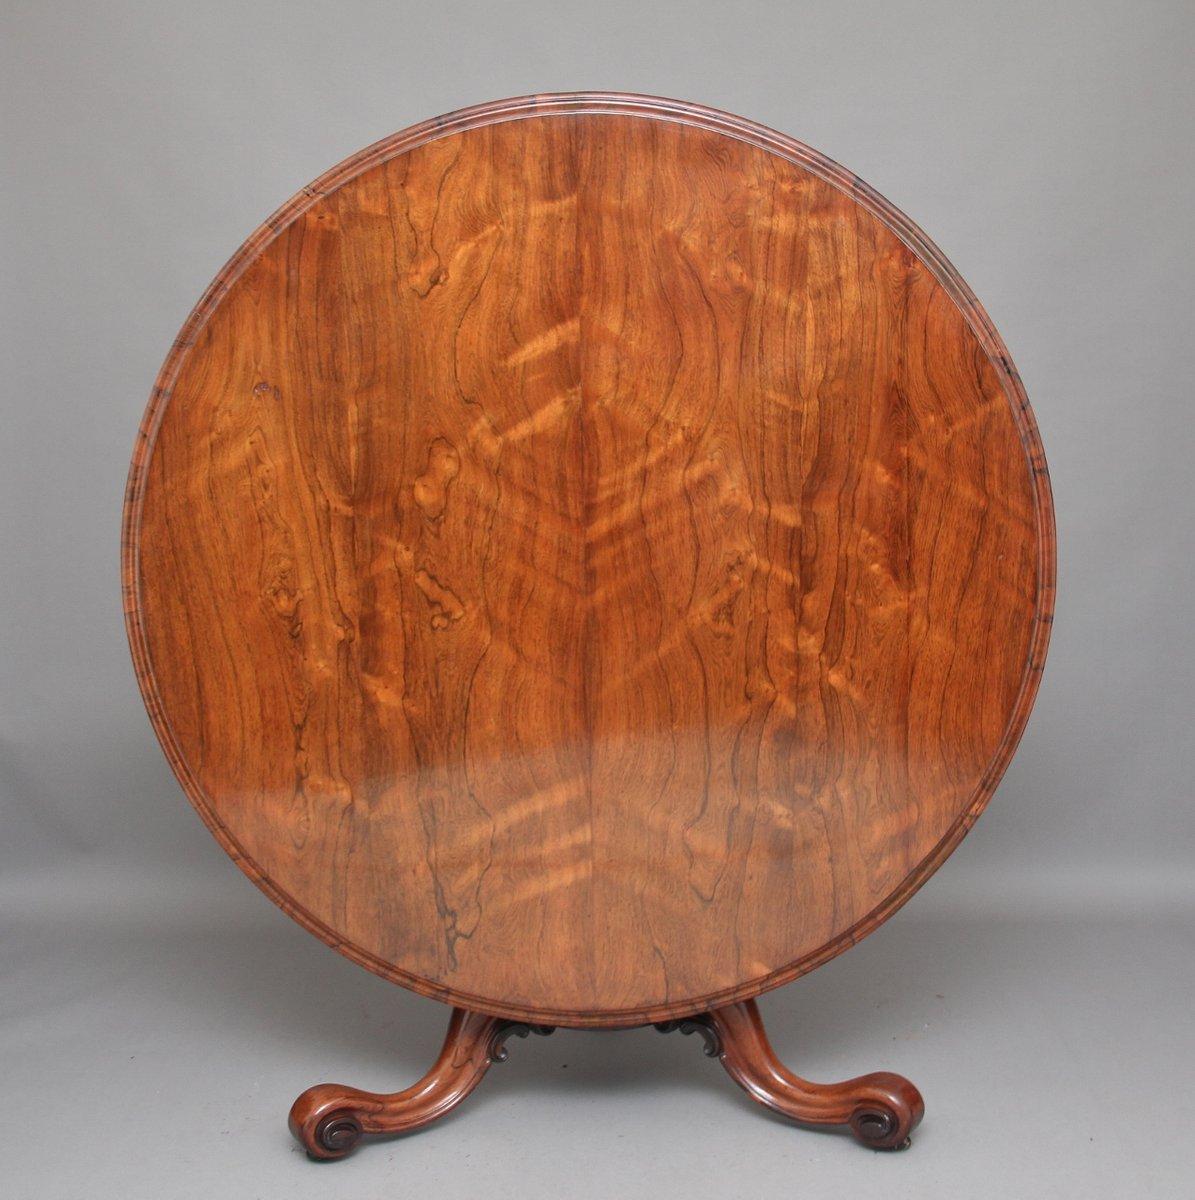 Tavolo rotondo antico in palissandro in vendita su Pamono